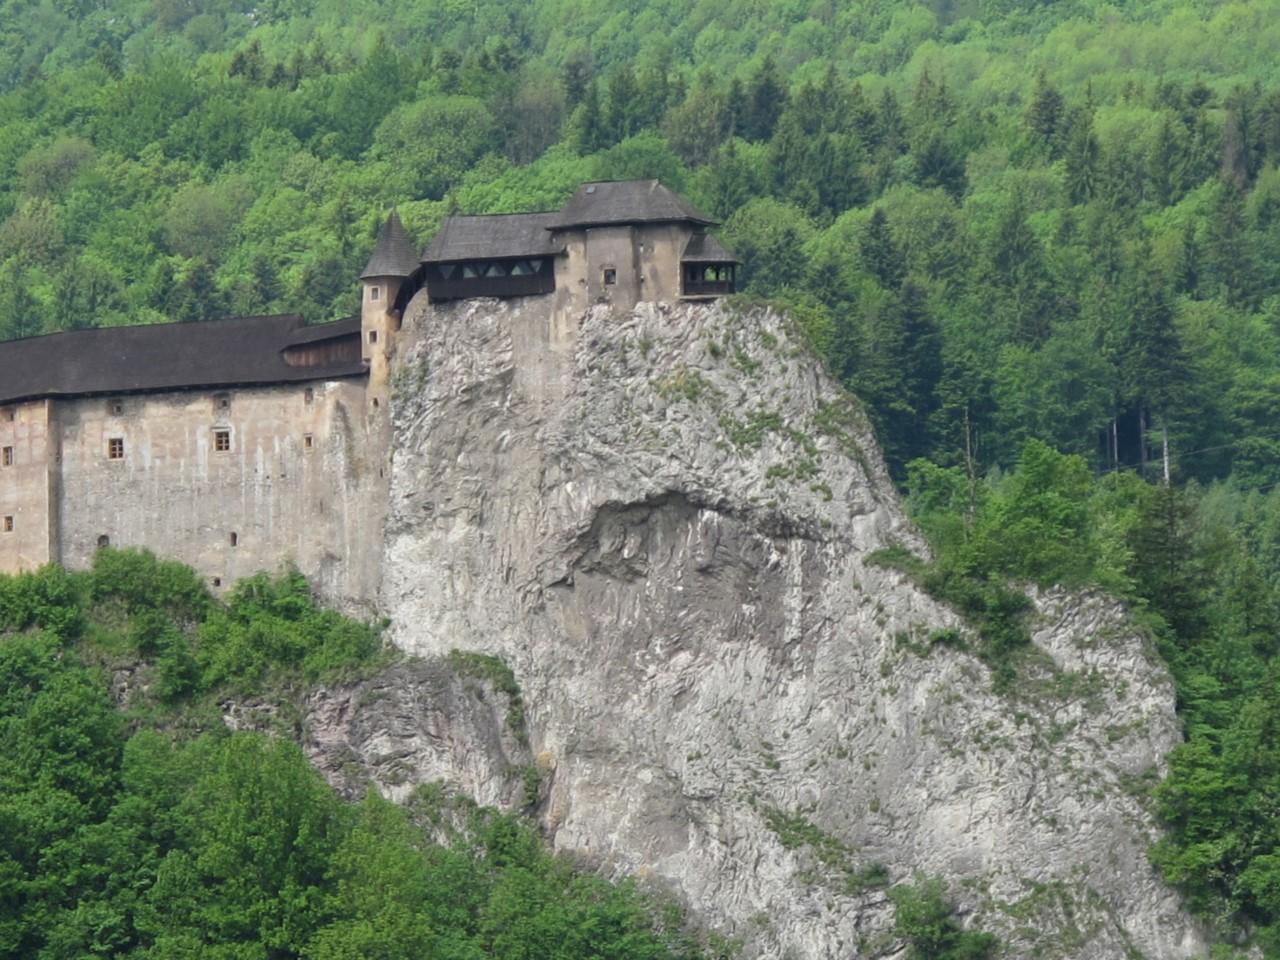 Археологическая и историческая экспозиции, представленные в интерьерах замка, дают представление о б